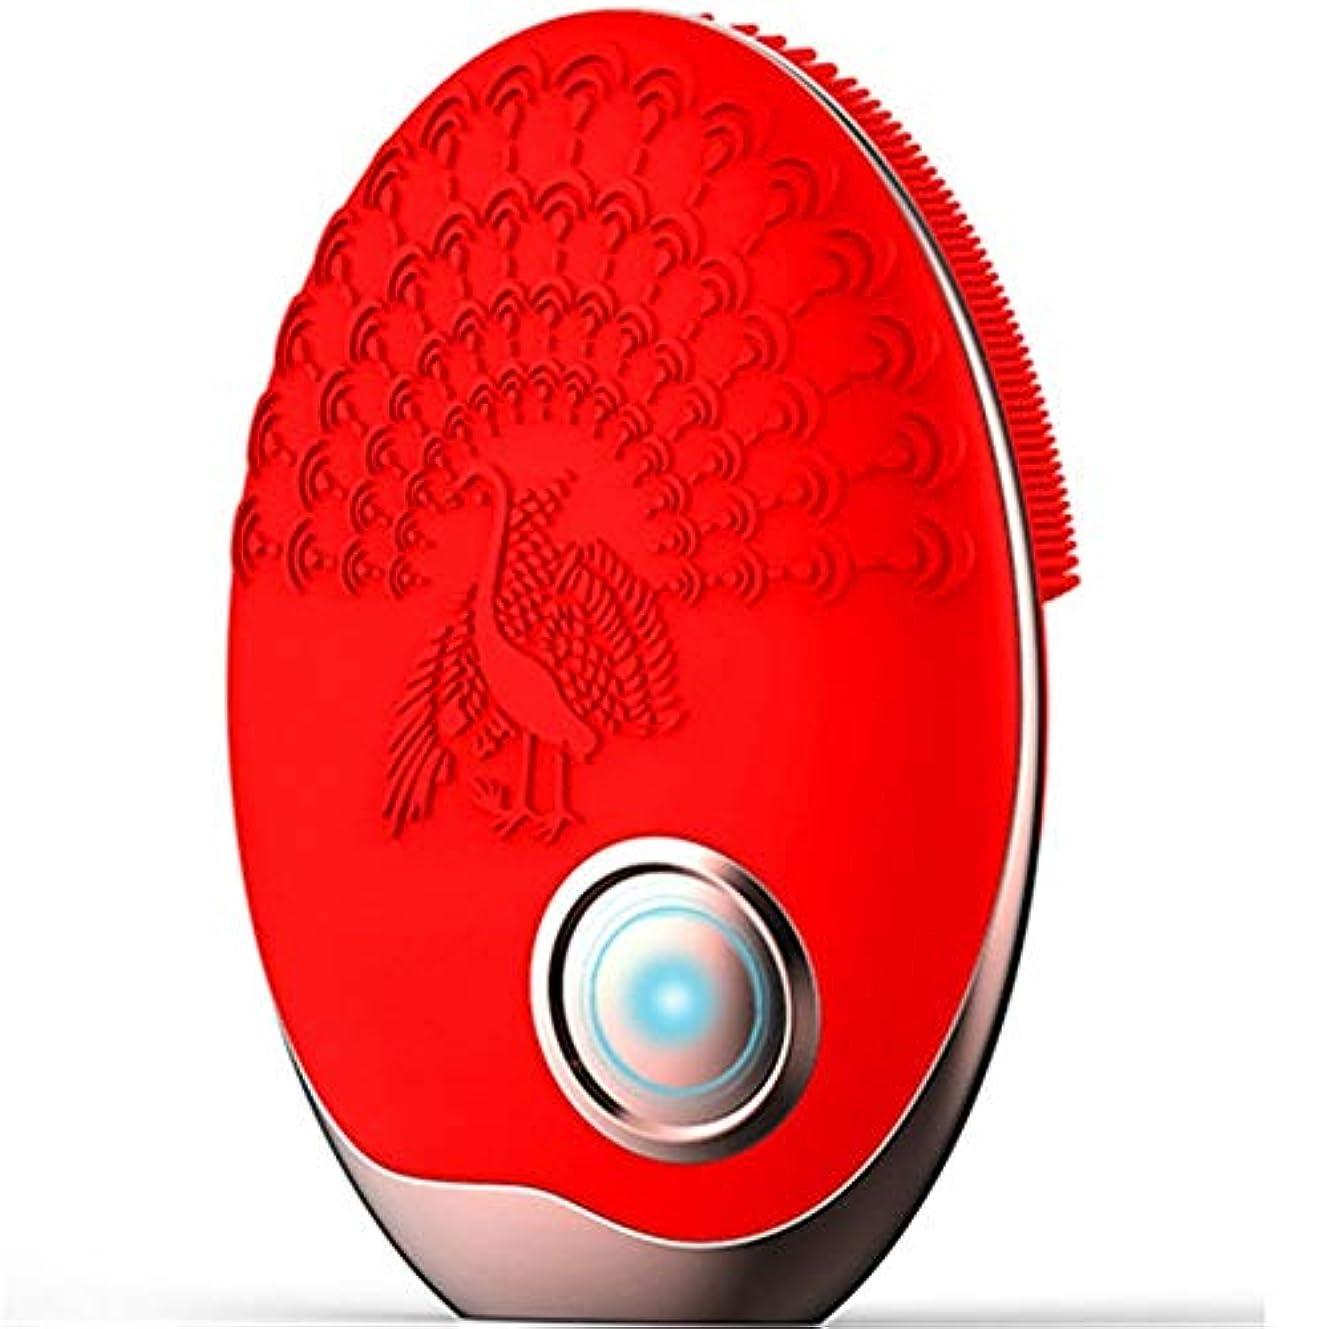 家禽家禽傑出したZHILI 洗顔ブラシ、ワイヤレス充電クレンジング美容器具、電気掃除用ブラシ、超音波振動洗浄用ブラシ、シリコーン洗濯機 (Color : Red)